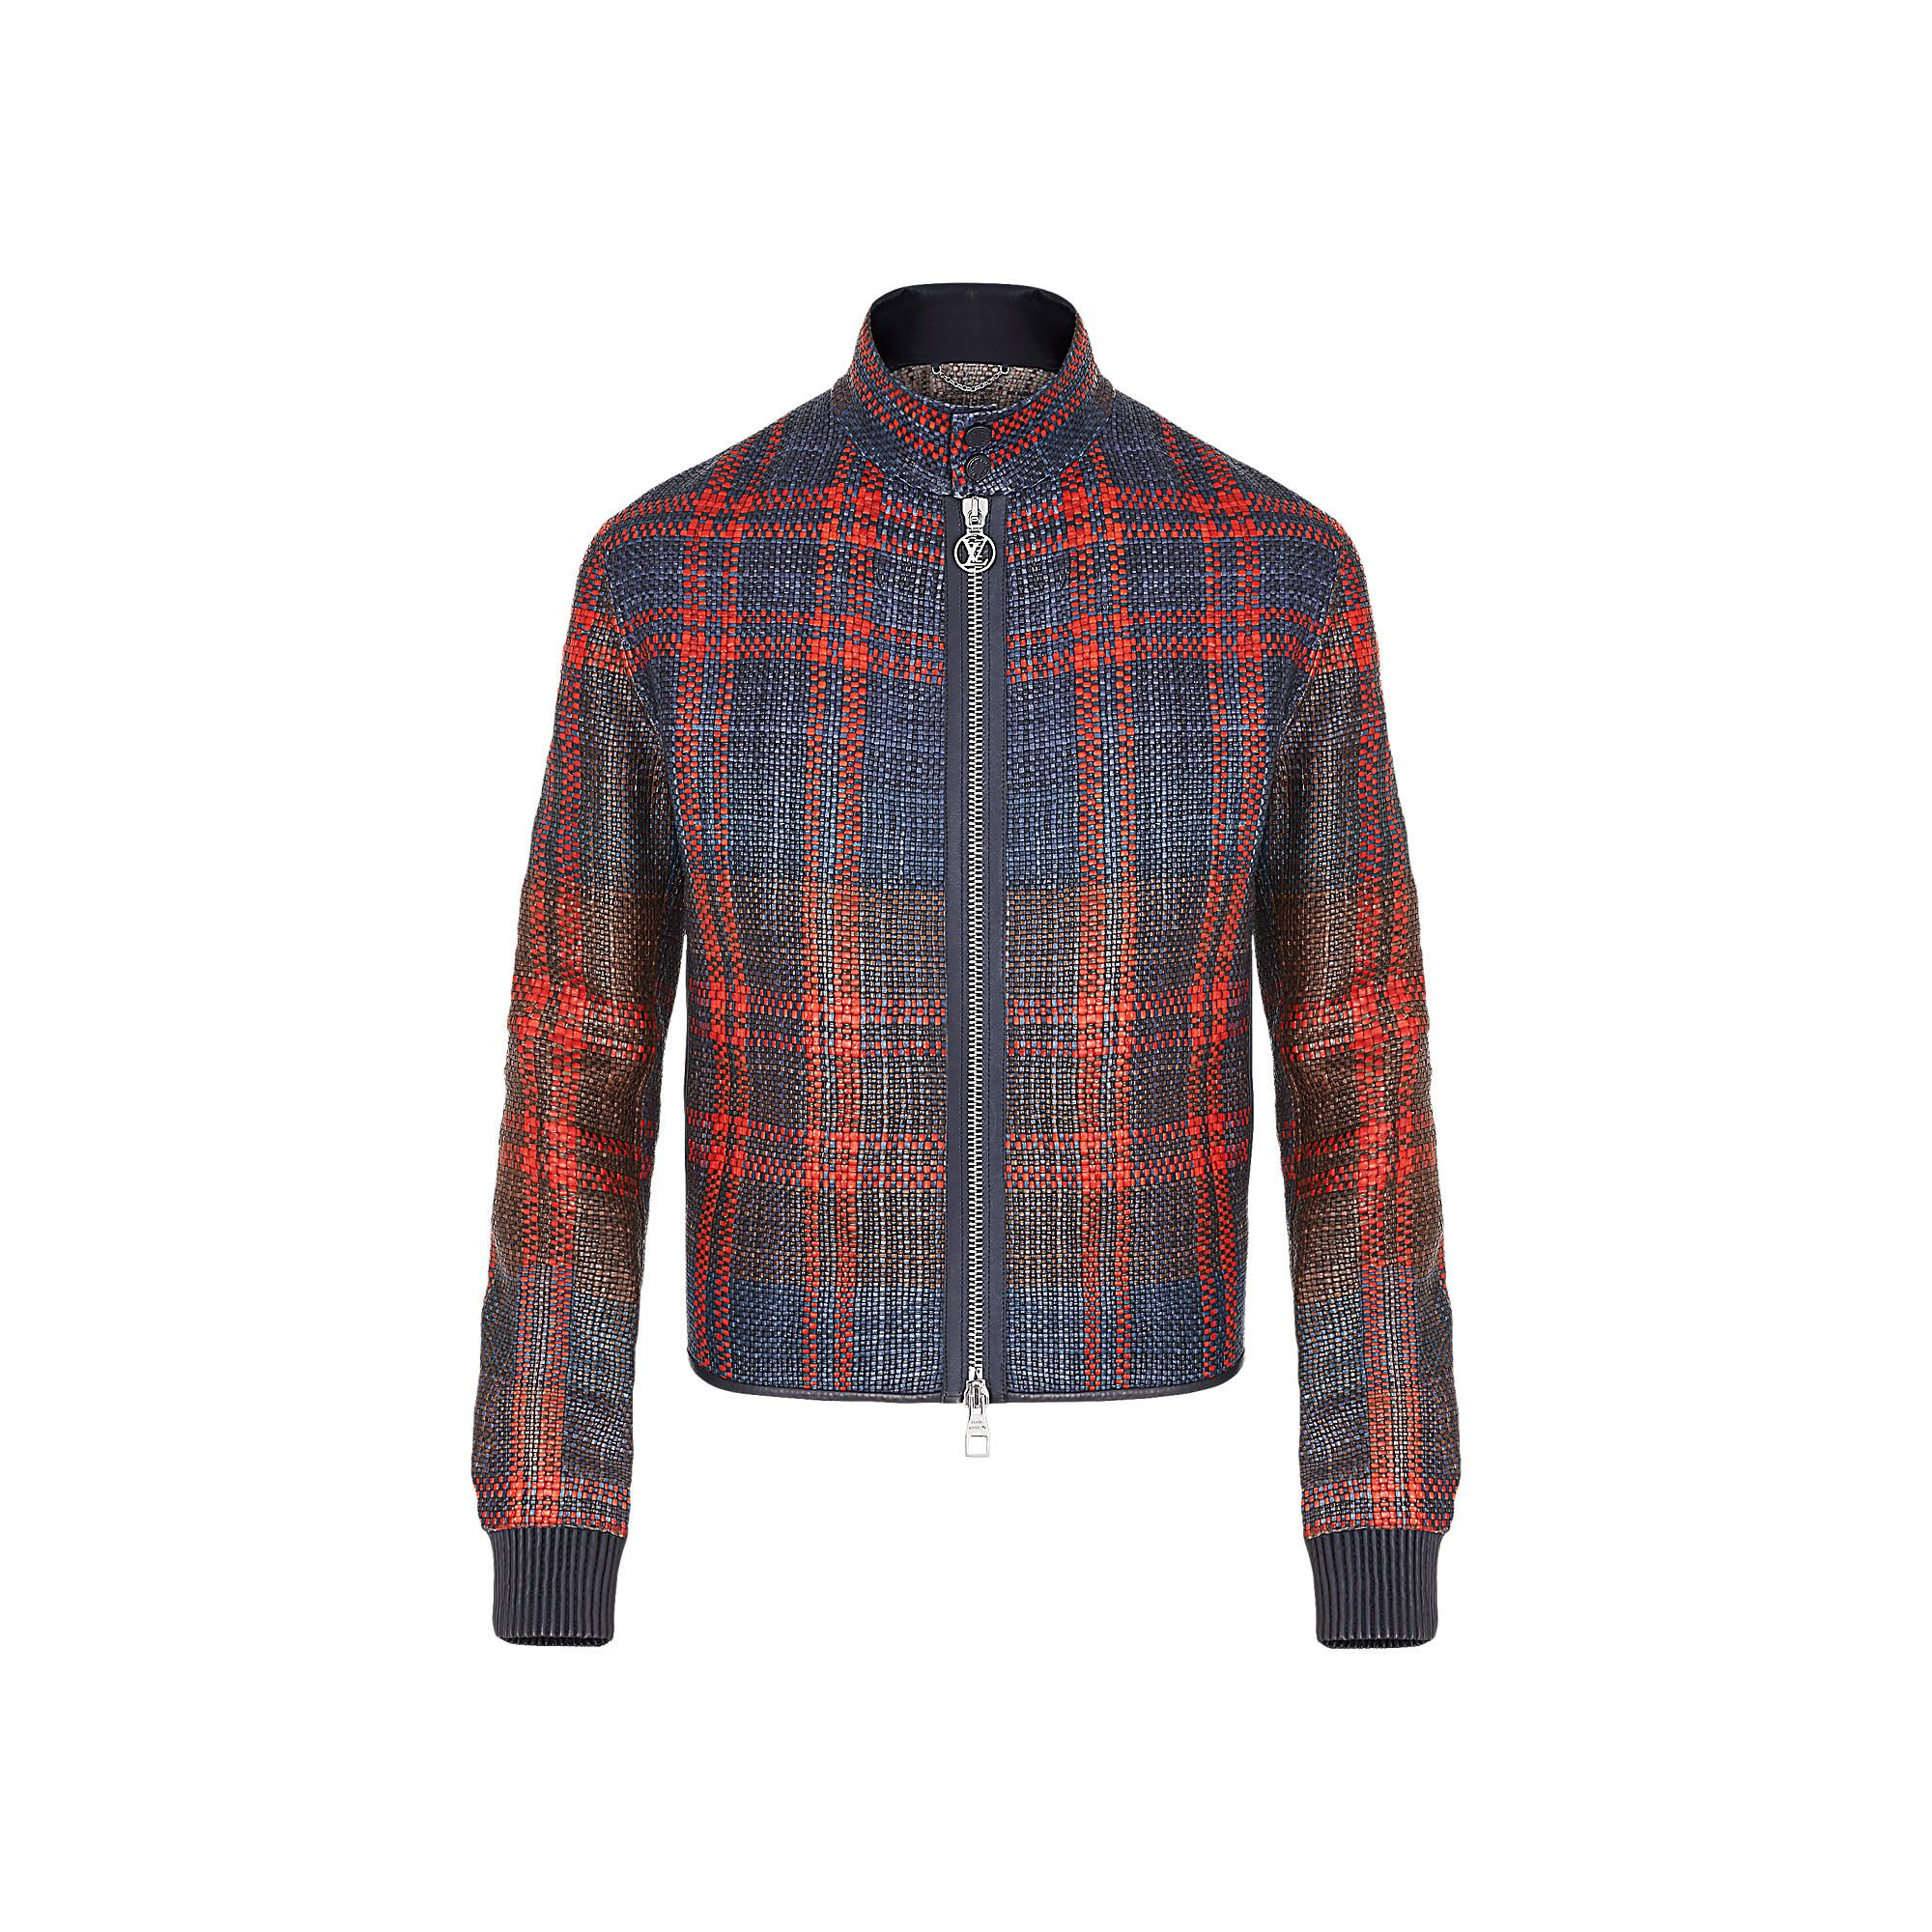 BRAIDED LEATHER BLOUSON via Louis Vuitton Clothes design